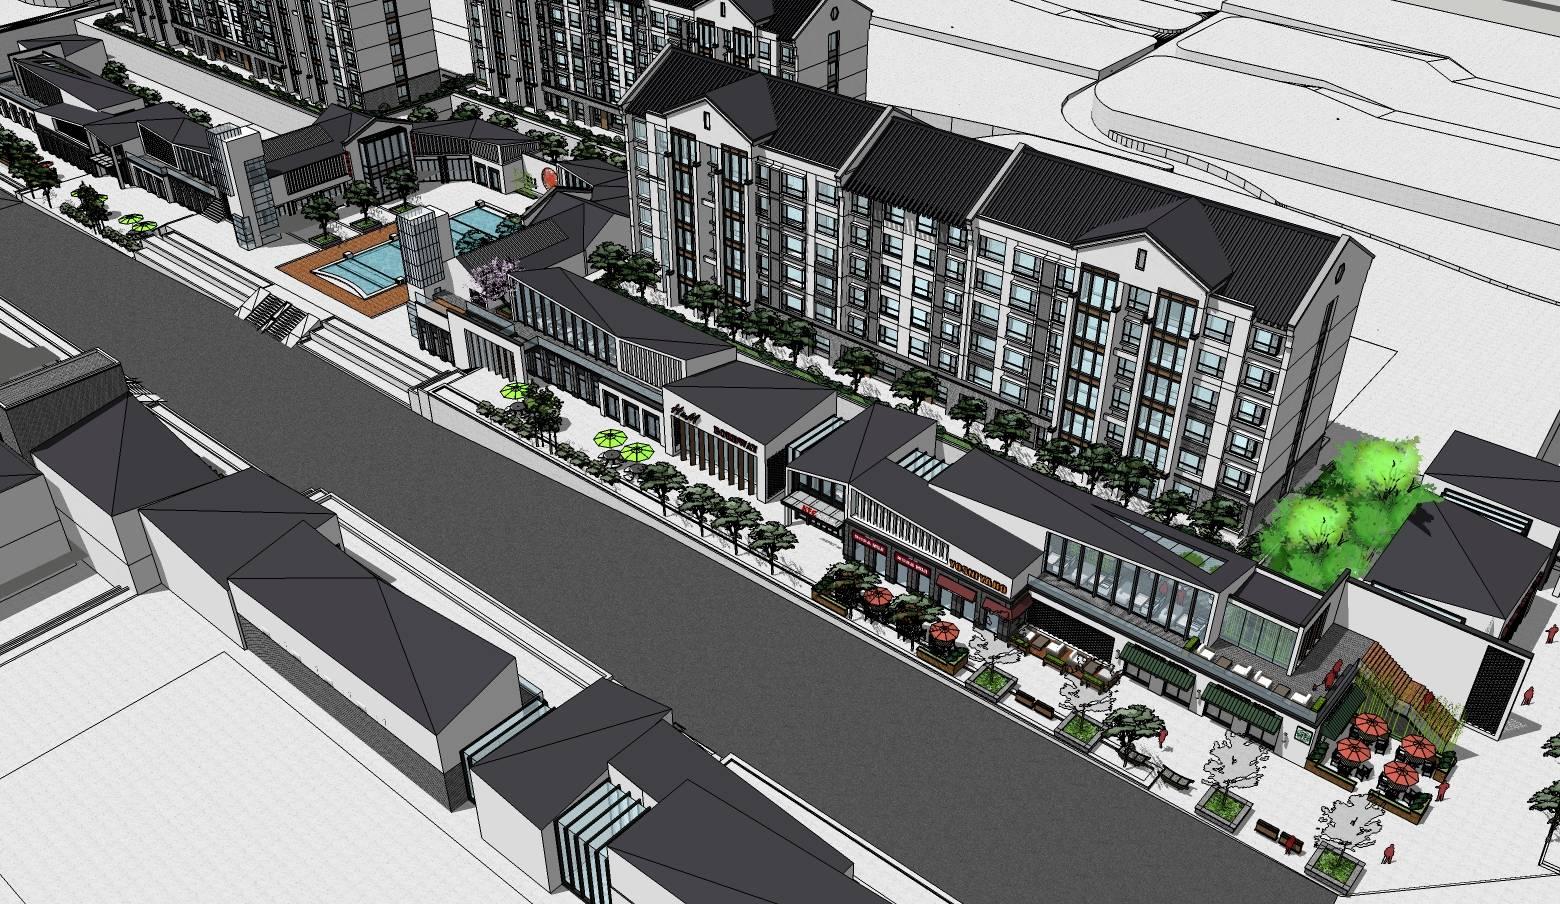 中式住宅小区及沿街商业建筑sketchup模型